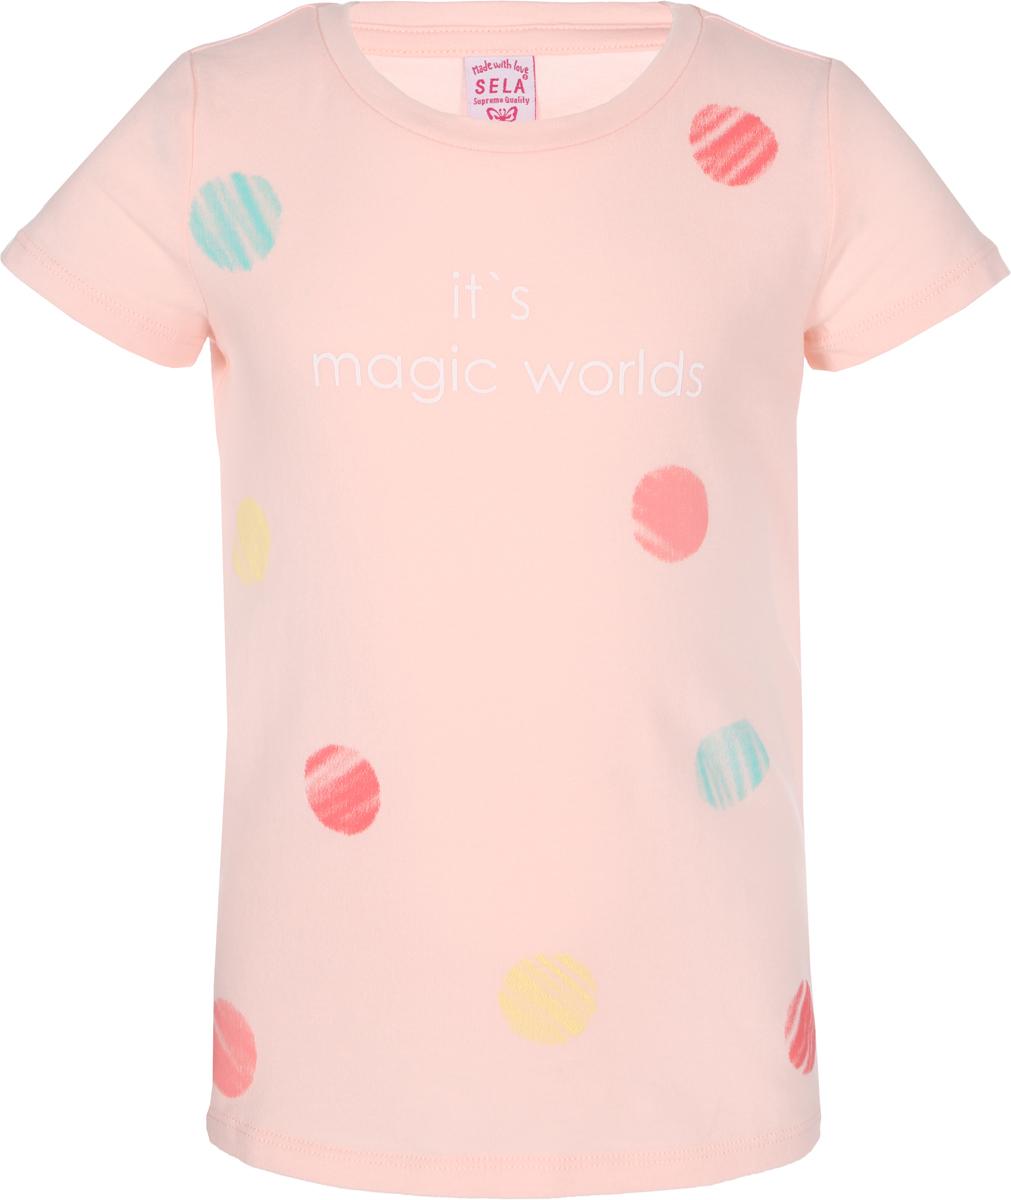 Футболка для девочки Sela, цвет: розовый. Ts-511/486-8213. Размер 116, 6 лет футболка для девочки sela цвет розовый ts 511 486 8213 размер 116 6 лет